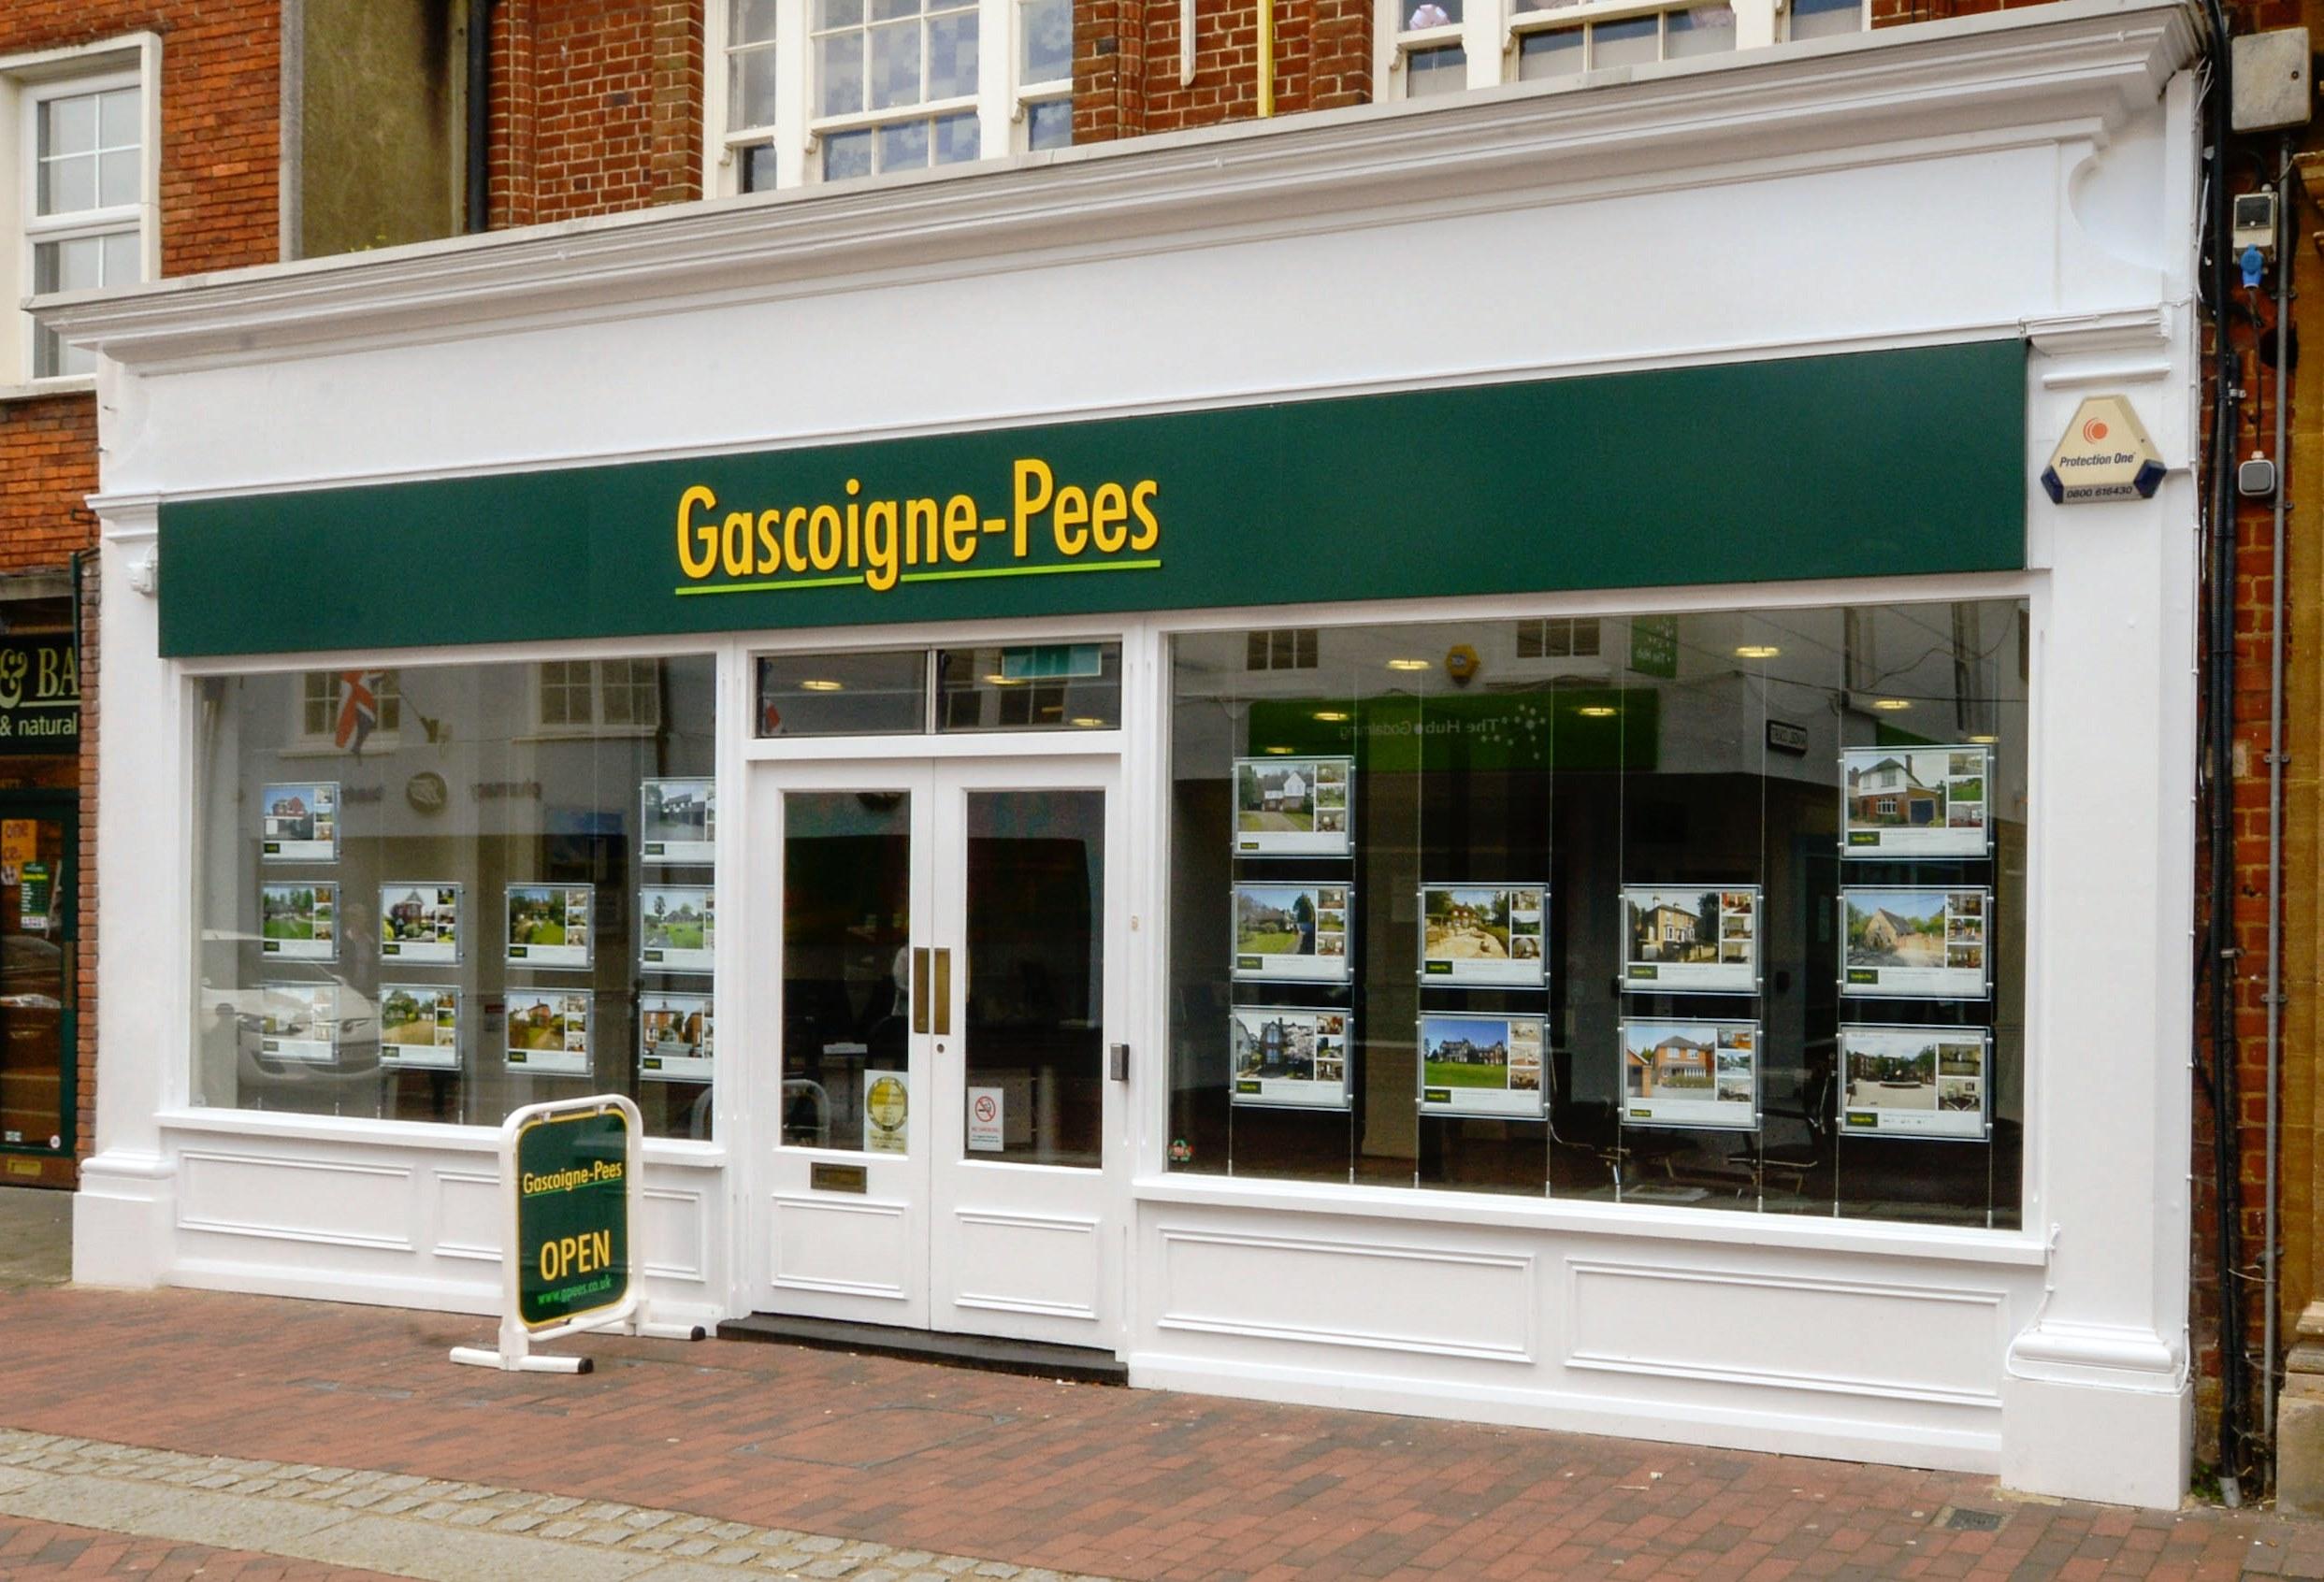 Gascoigne-Pees